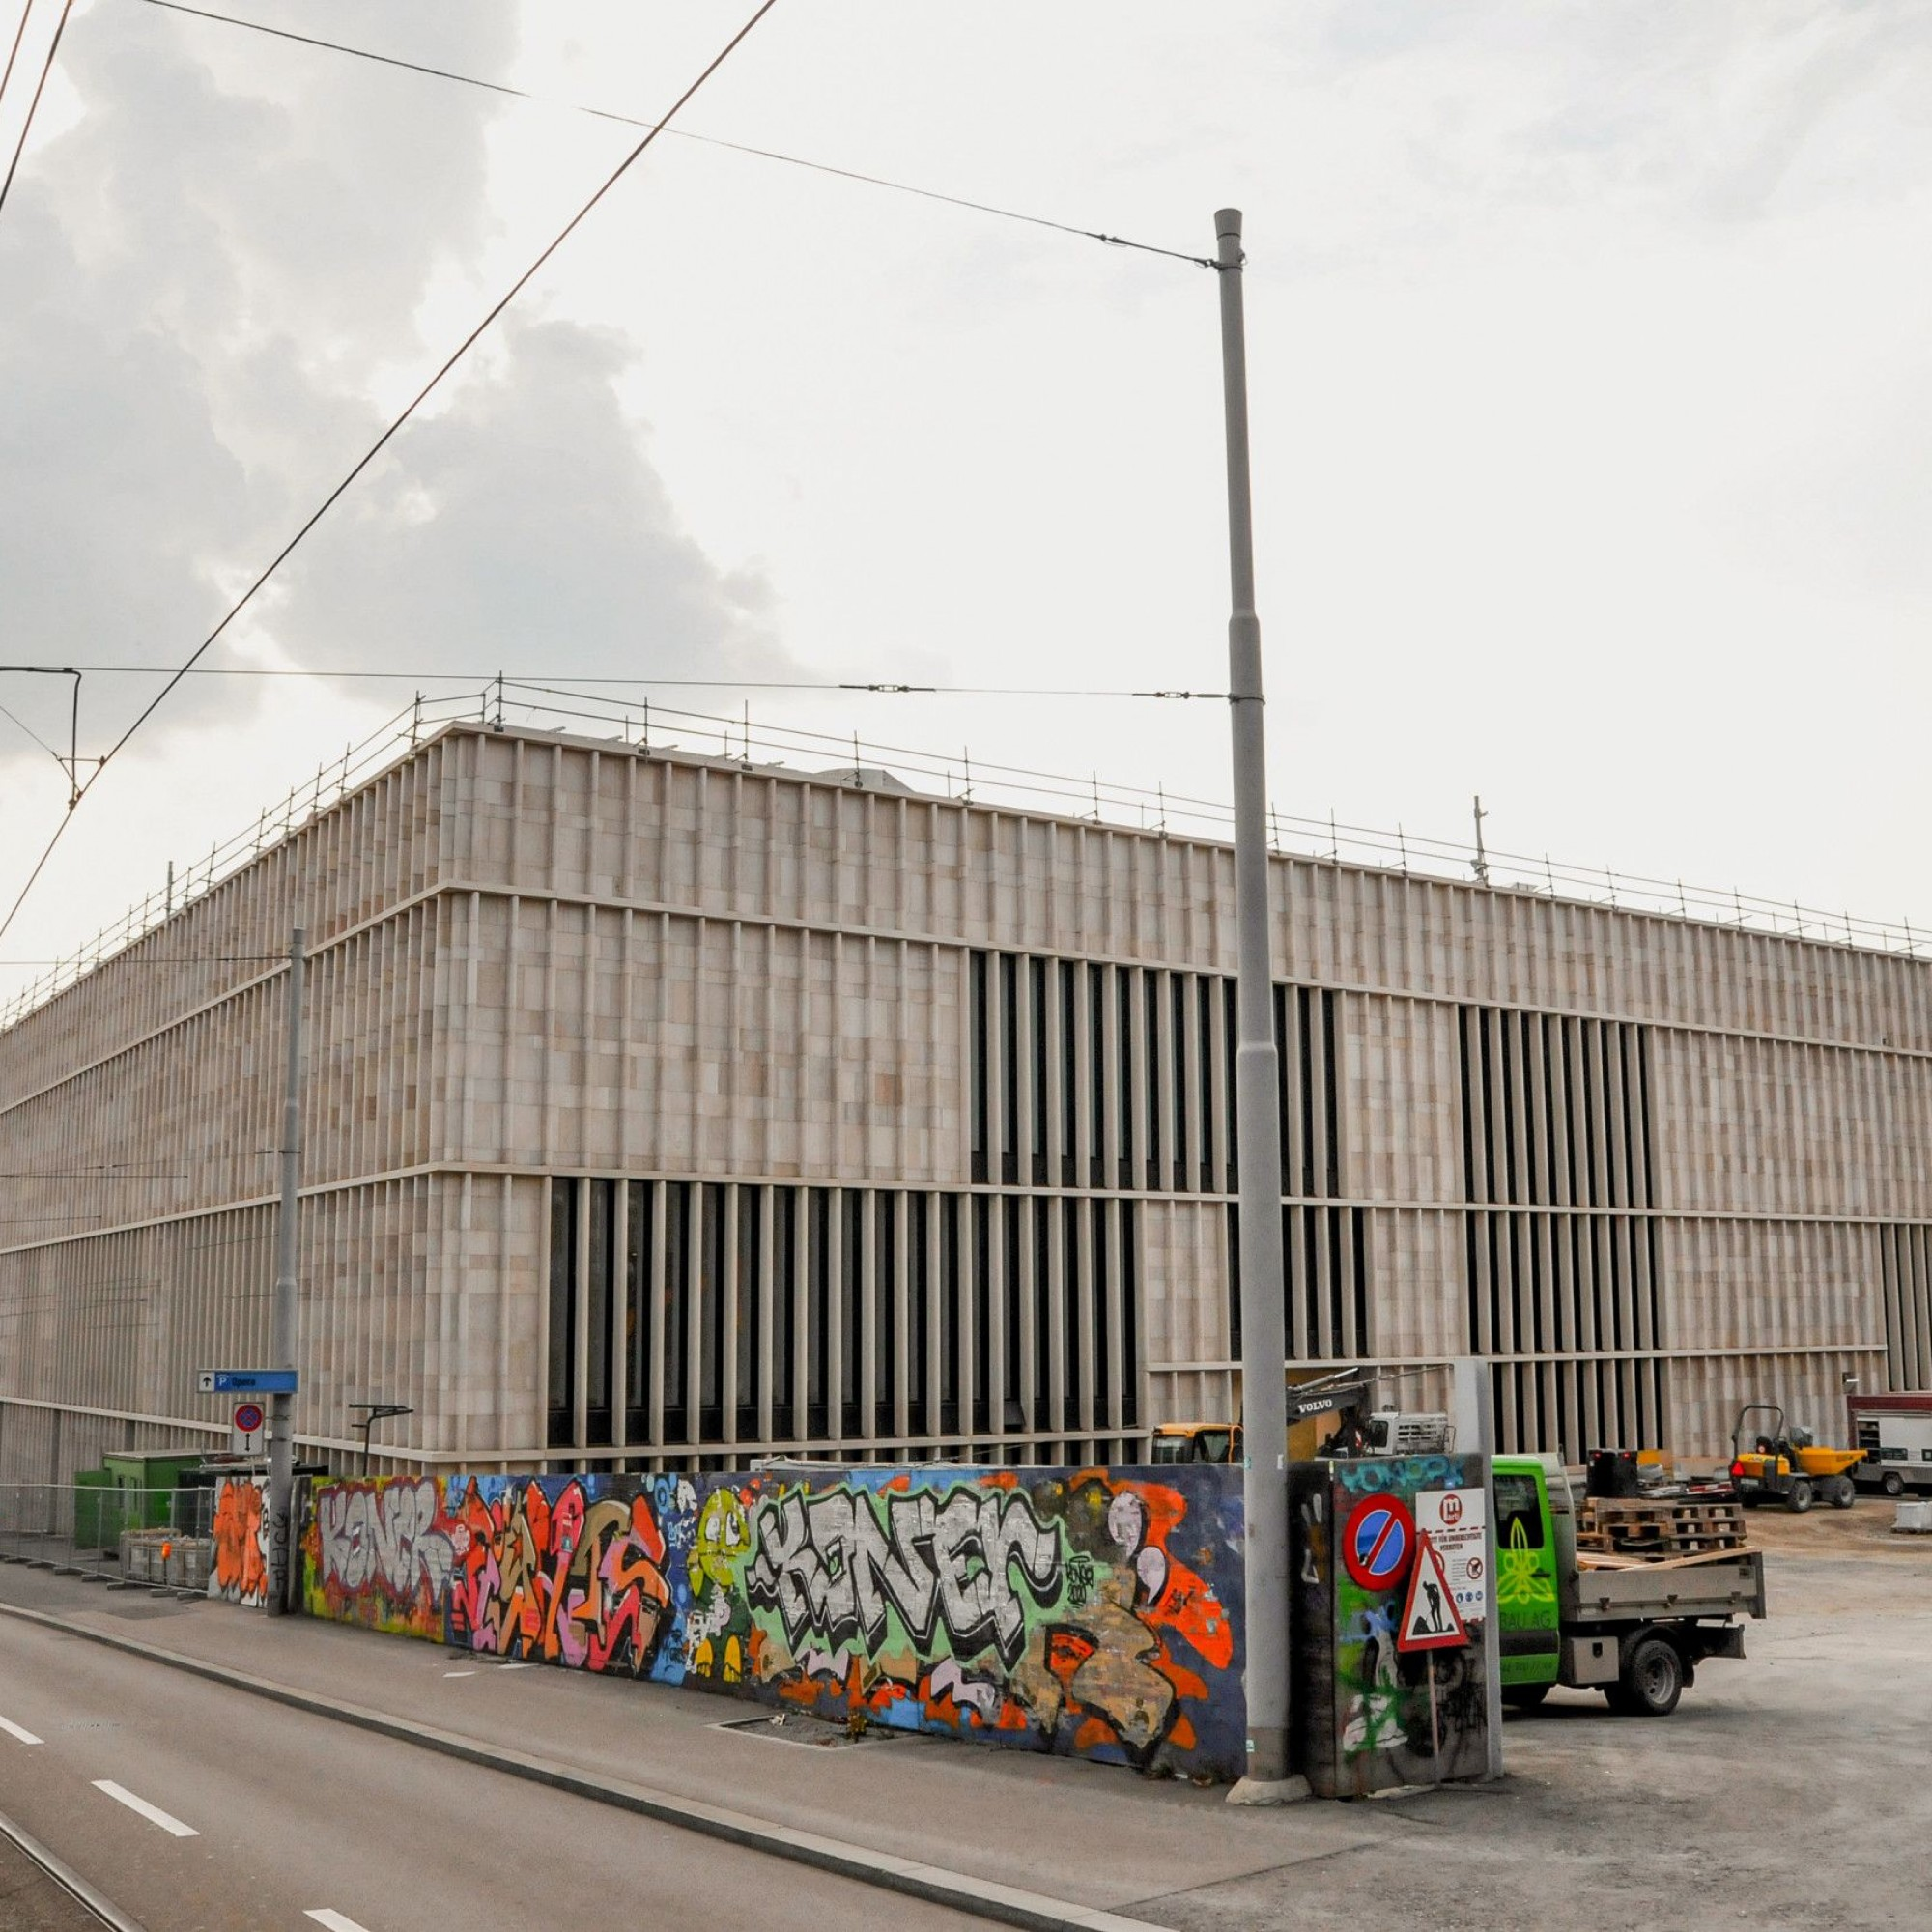 Kunsthaus-Erweiterungsbau in Zürich